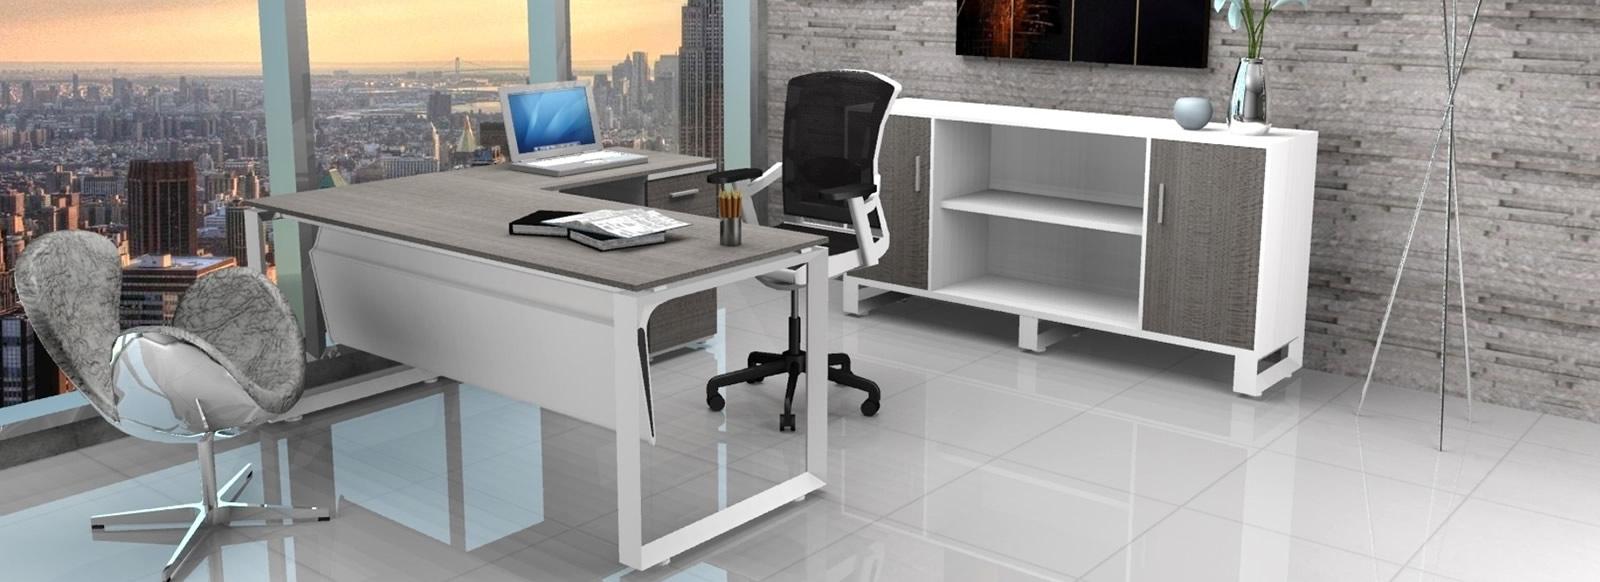 Muebles de oficina en quer taro m xico celaya cdmx for Muebles de oficina 2016